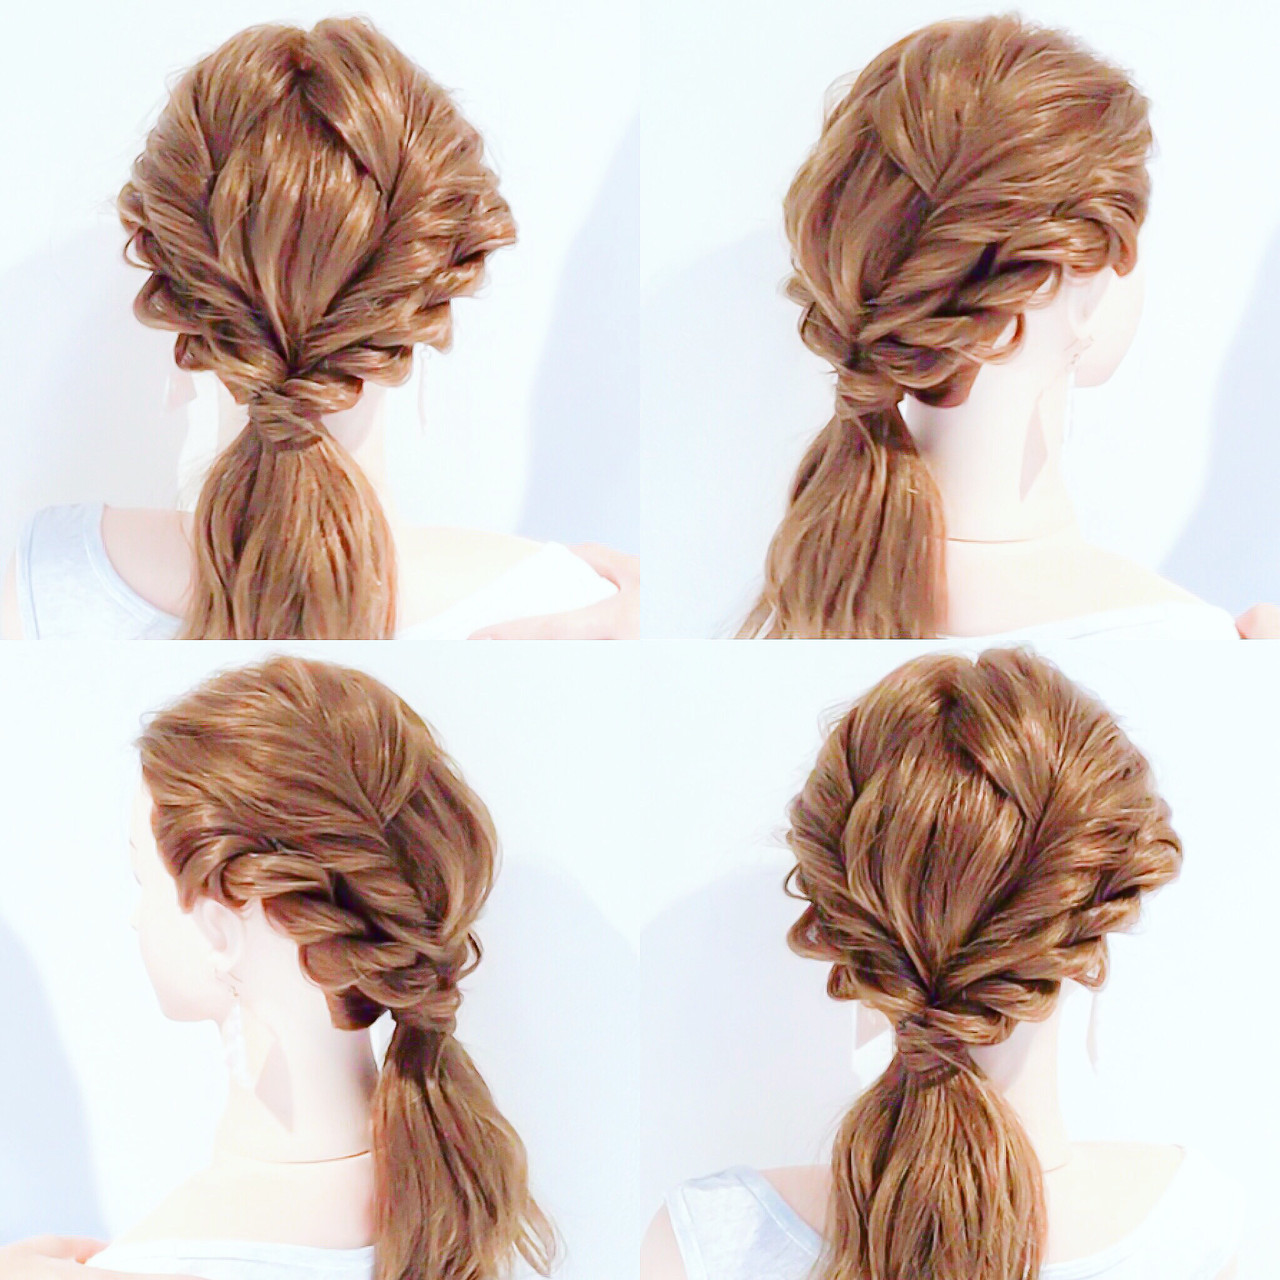 ロング フェミニン ローポニーテール ポニーテールアレンジ ヘアスタイルや髪型の写真・画像